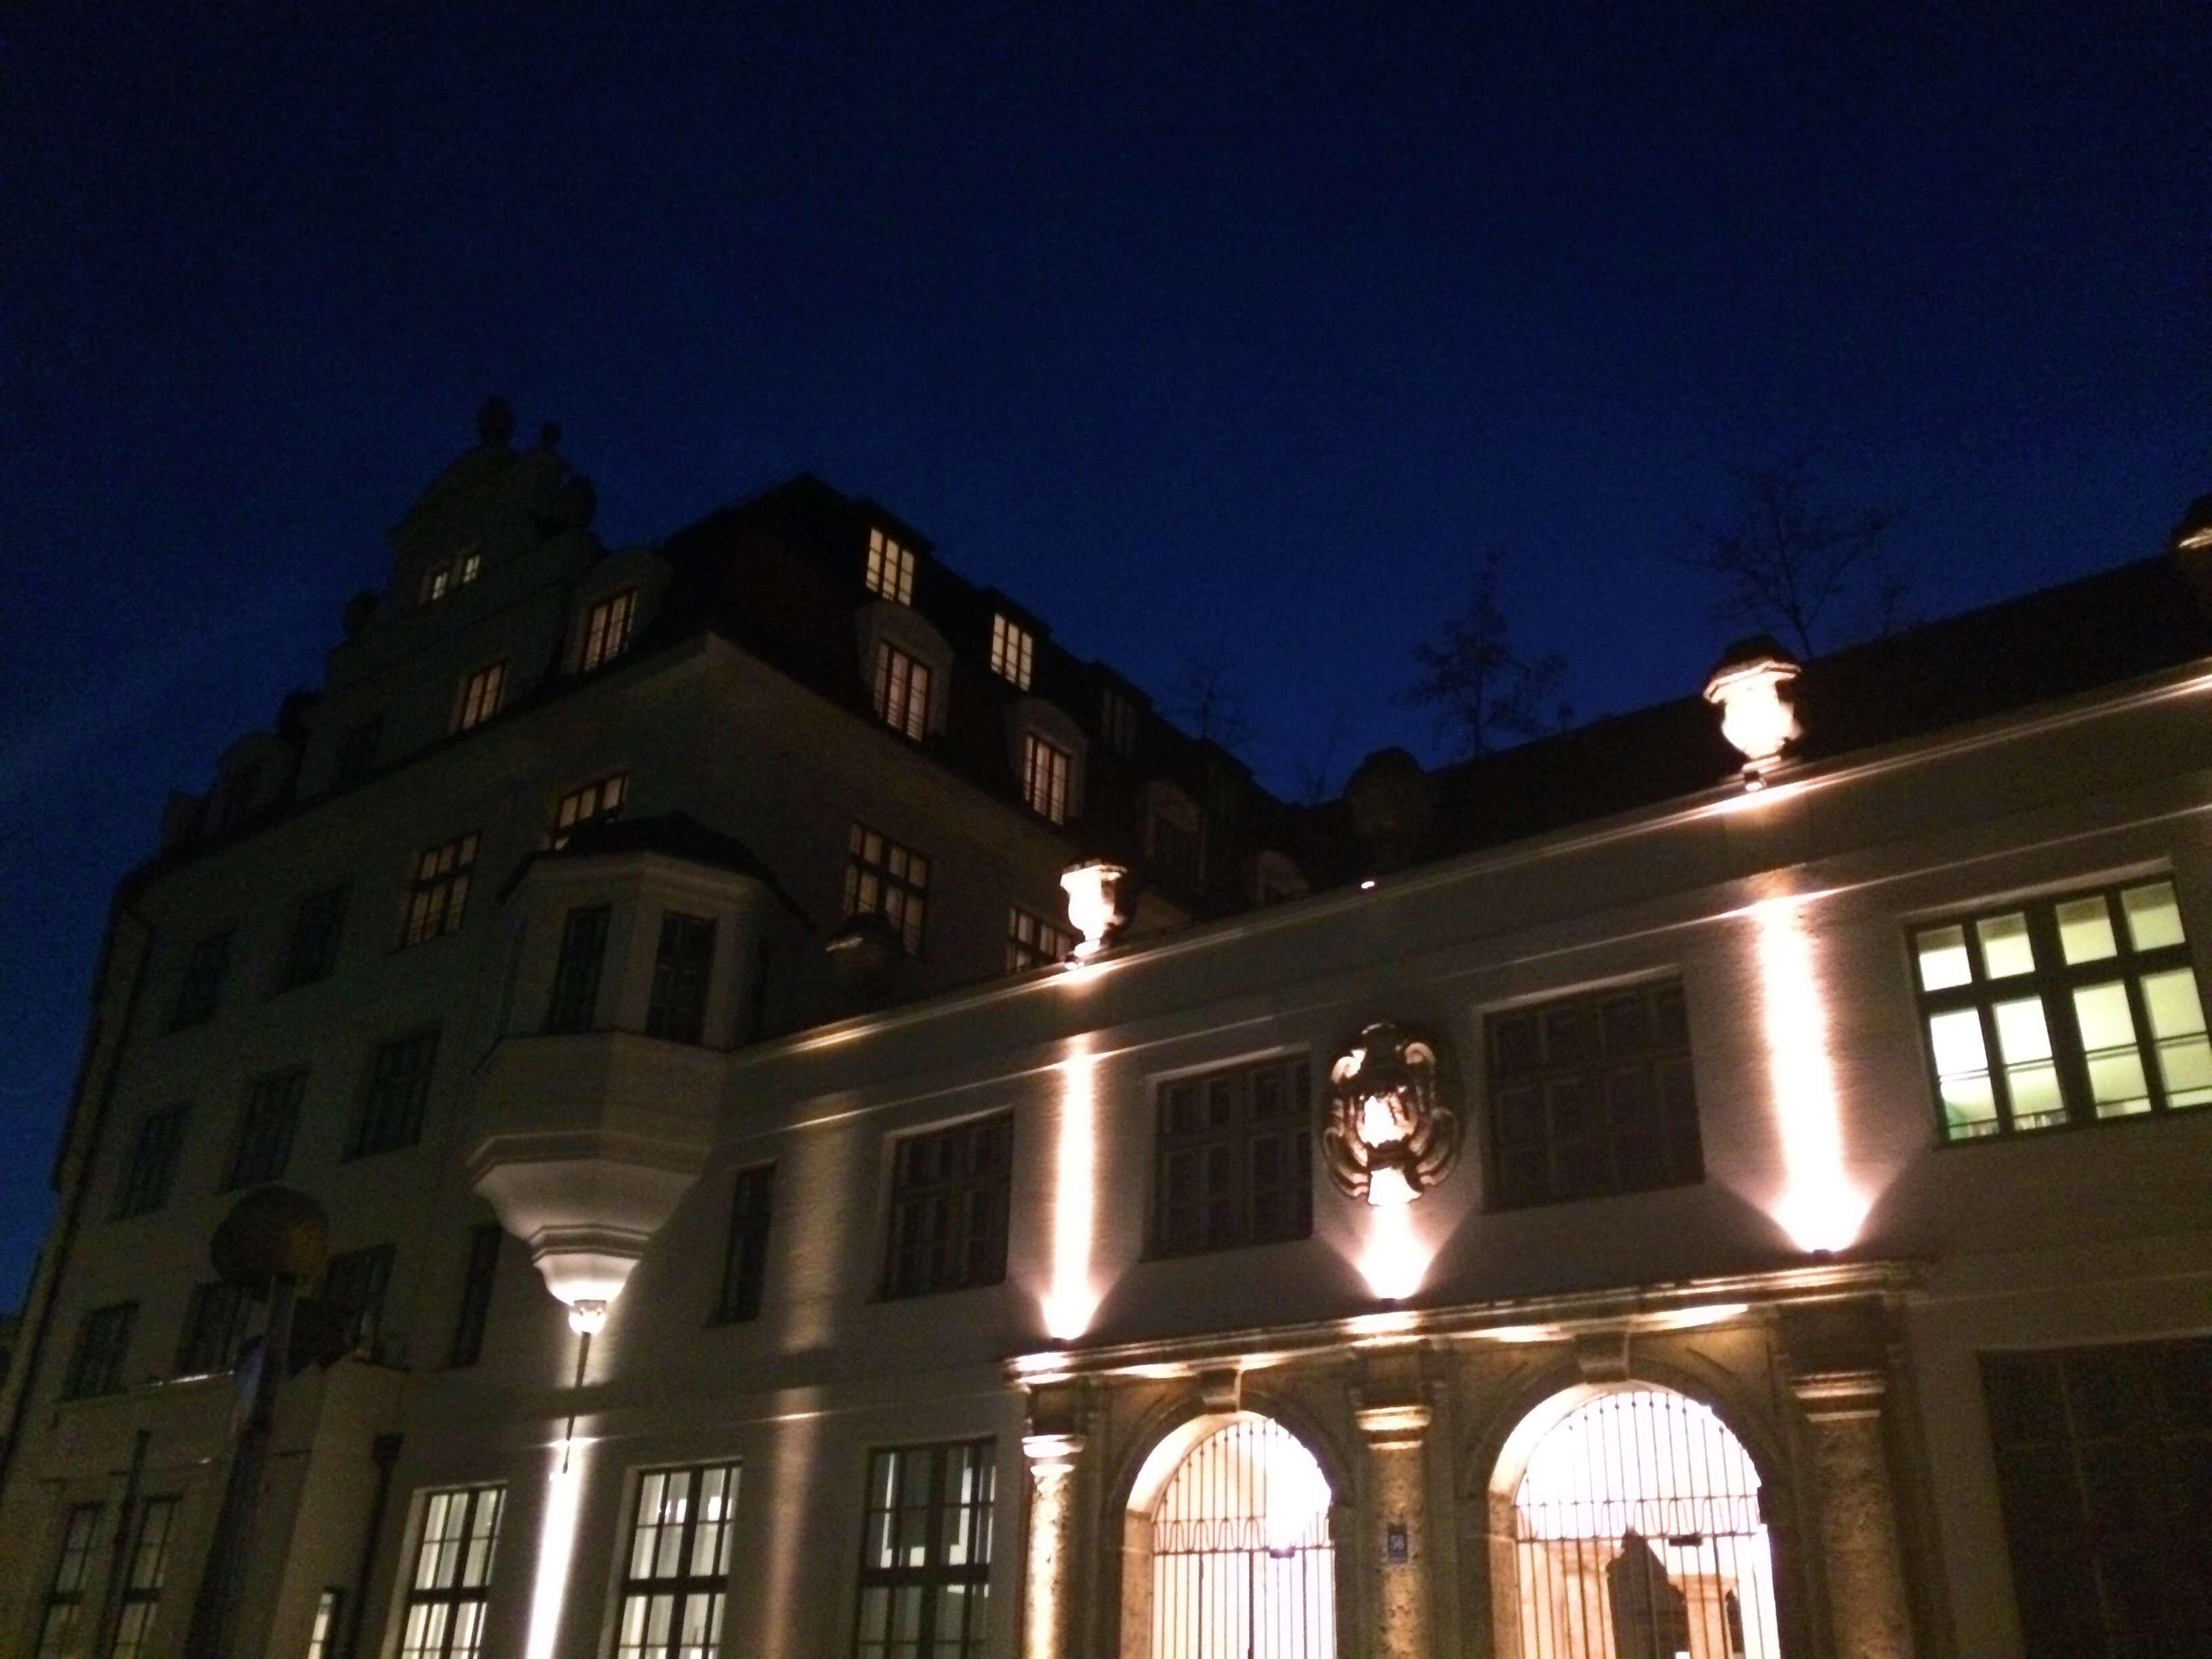 Luxuriöse drei Zimmer Wohnung in München, Ludwigsvorstadt-Isarvorstadt in Ludwigsvorstadt-Isarvorstadt (München)